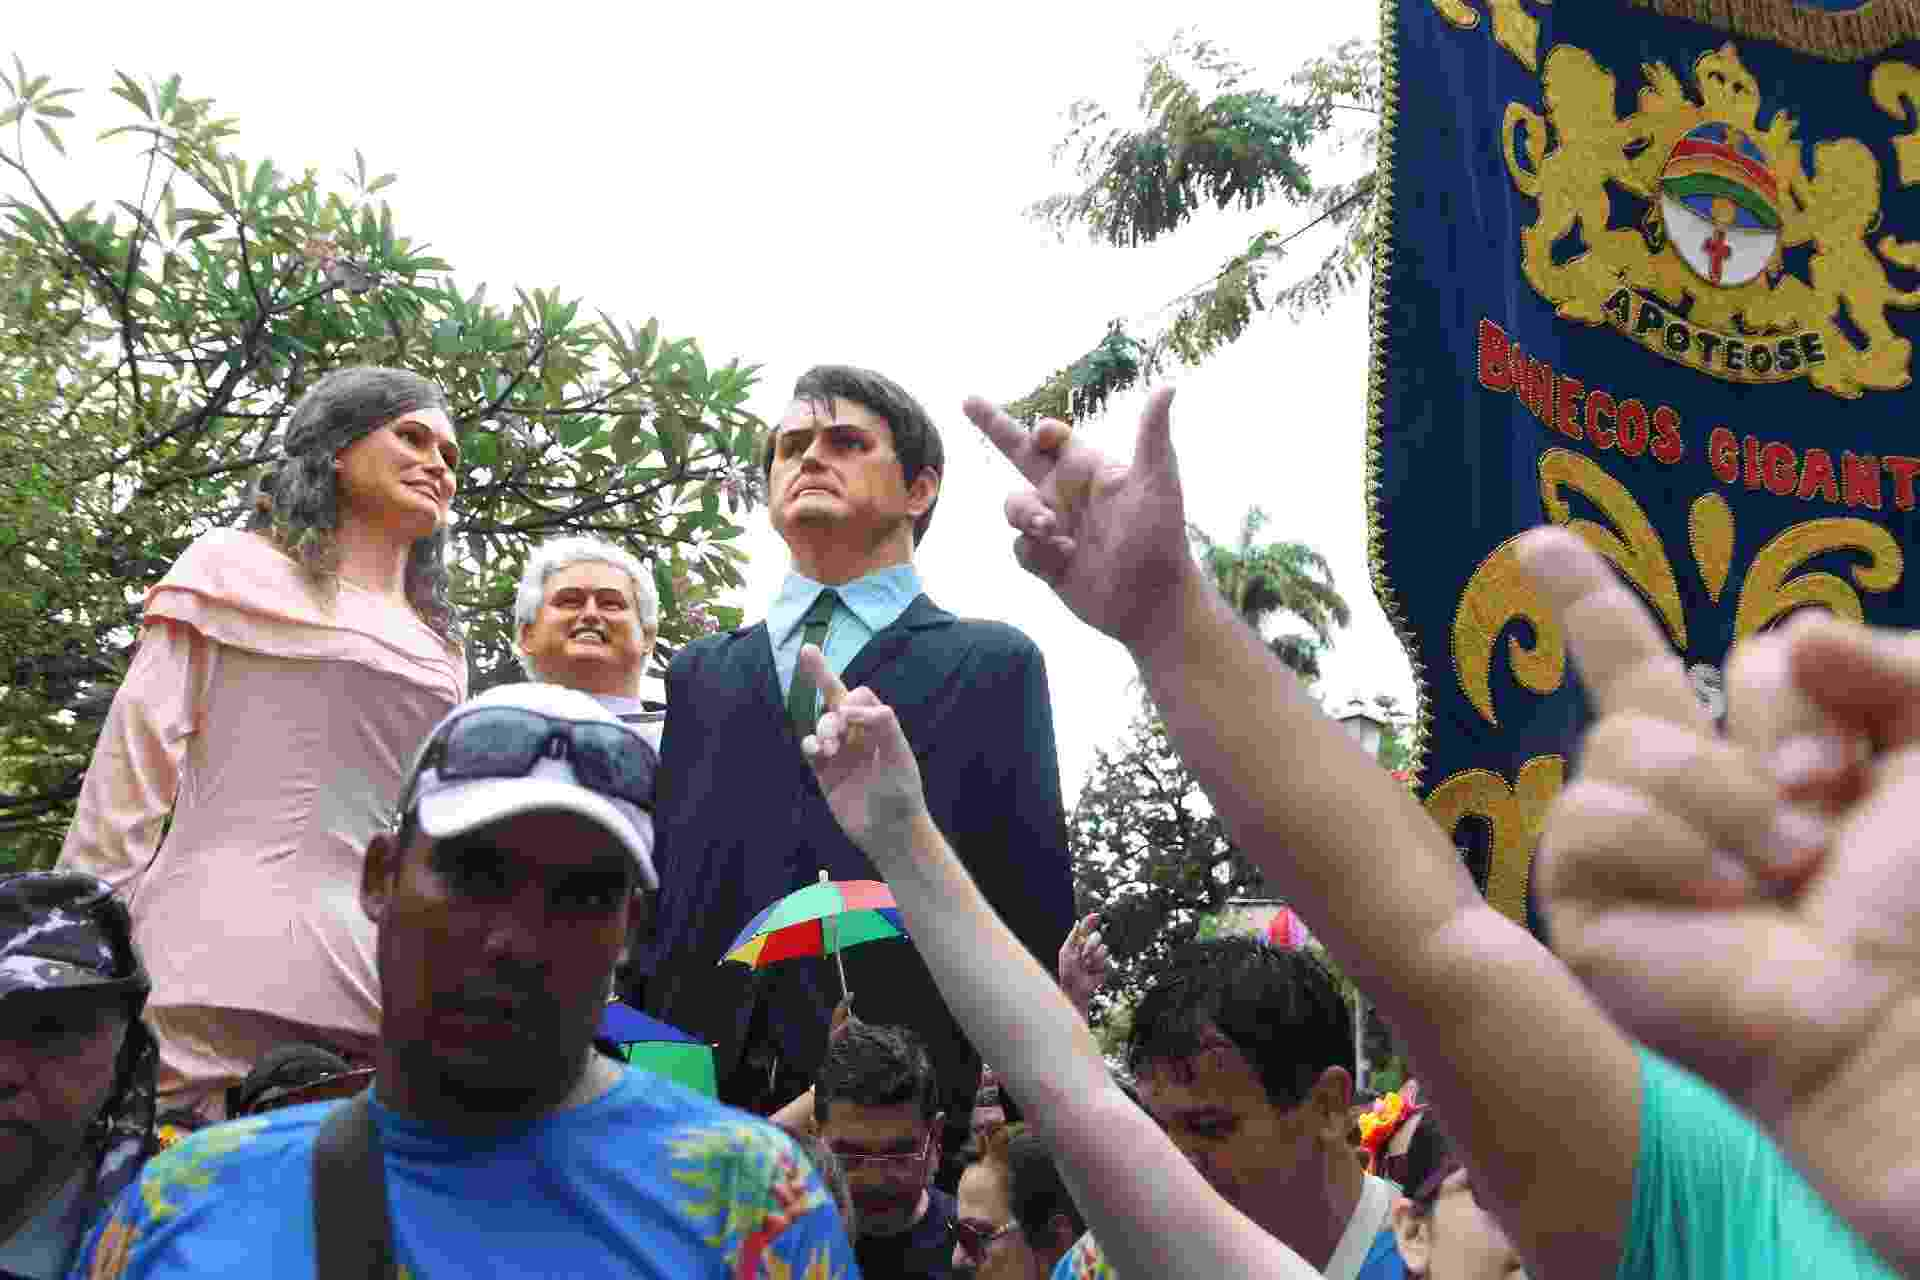 Apoteose dos bonecos gigantes de Olinda tem o presidente Jair Bolsonaro e a primeira-dama Michele Bolsonaro - Marlon Costa/Futura Press/Estadão Conteúdo